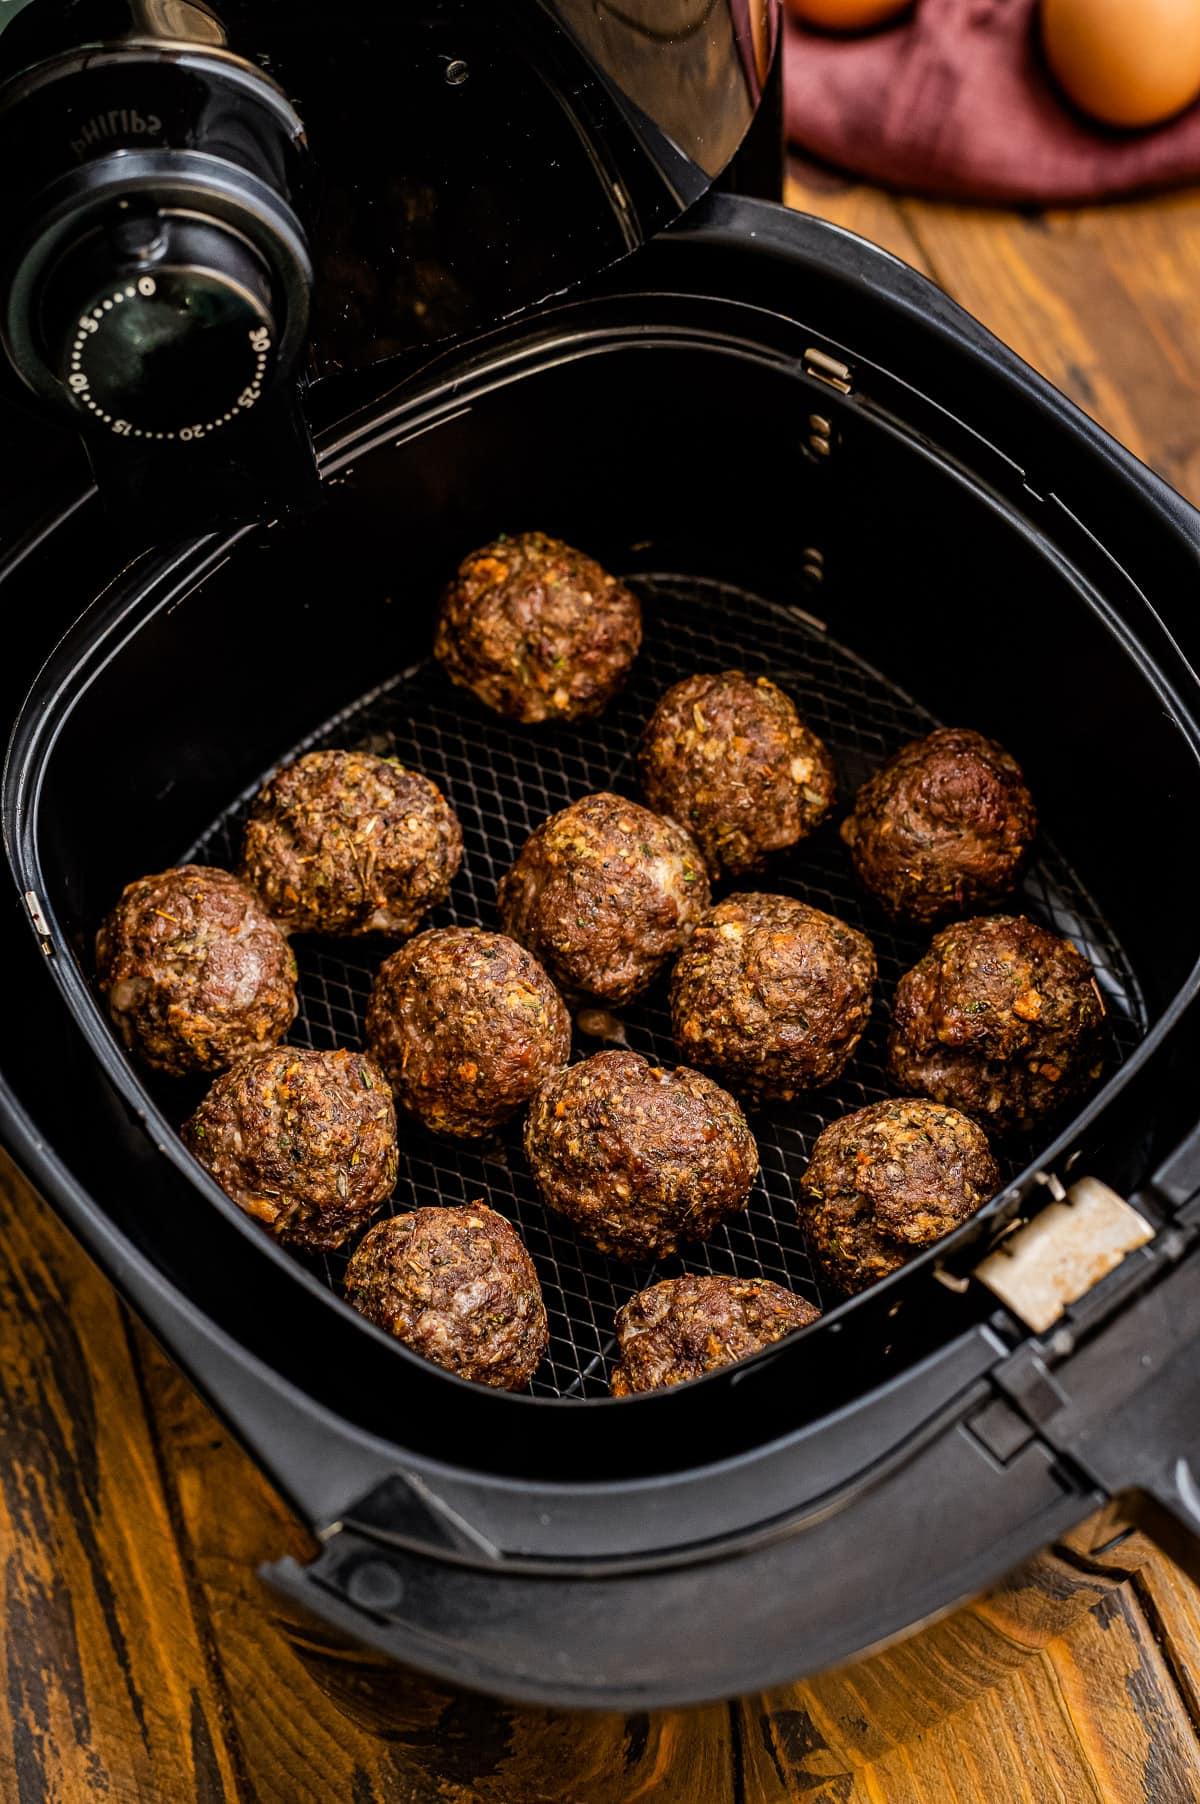 Cooked Air Fryer Meatballs in air fryer basket